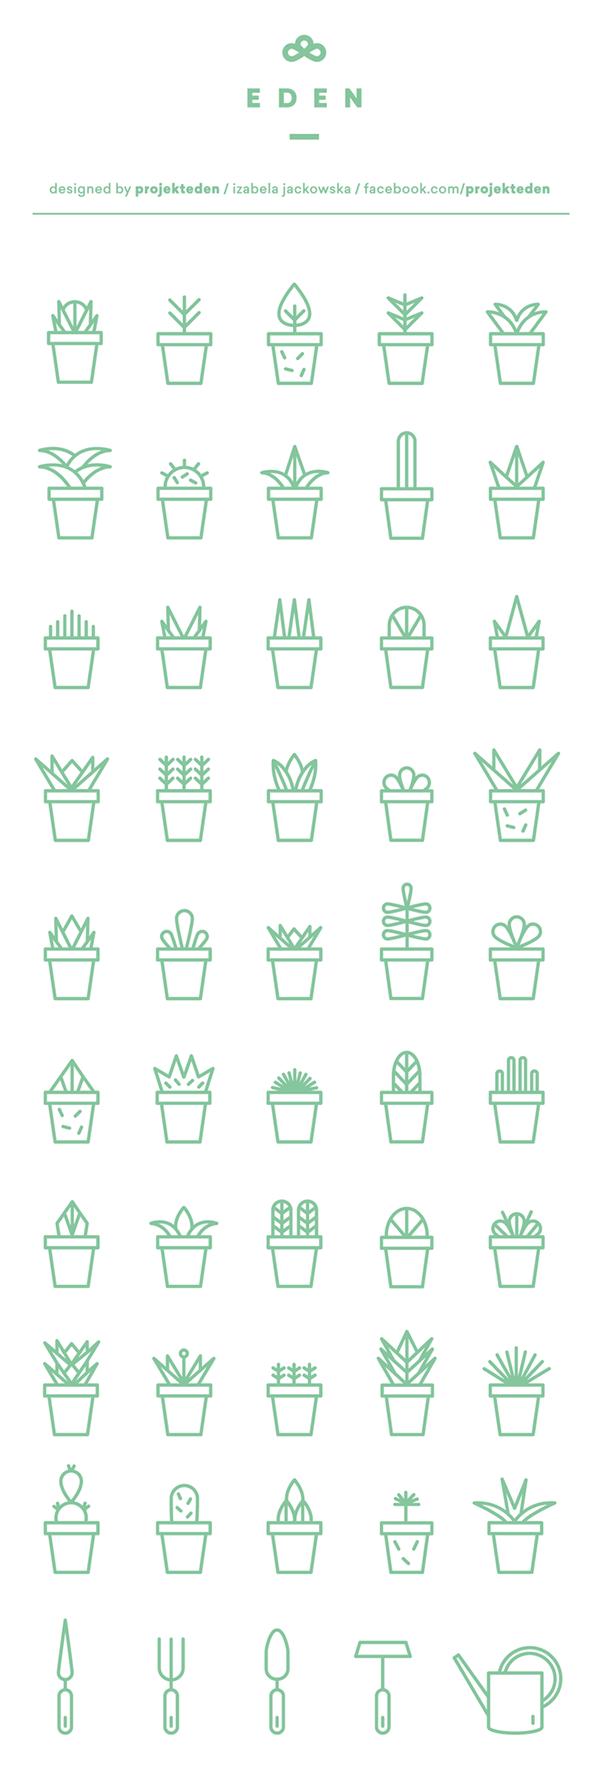 icon set Icon vector flower organic garden free download free download plants green projekteden projekt eden